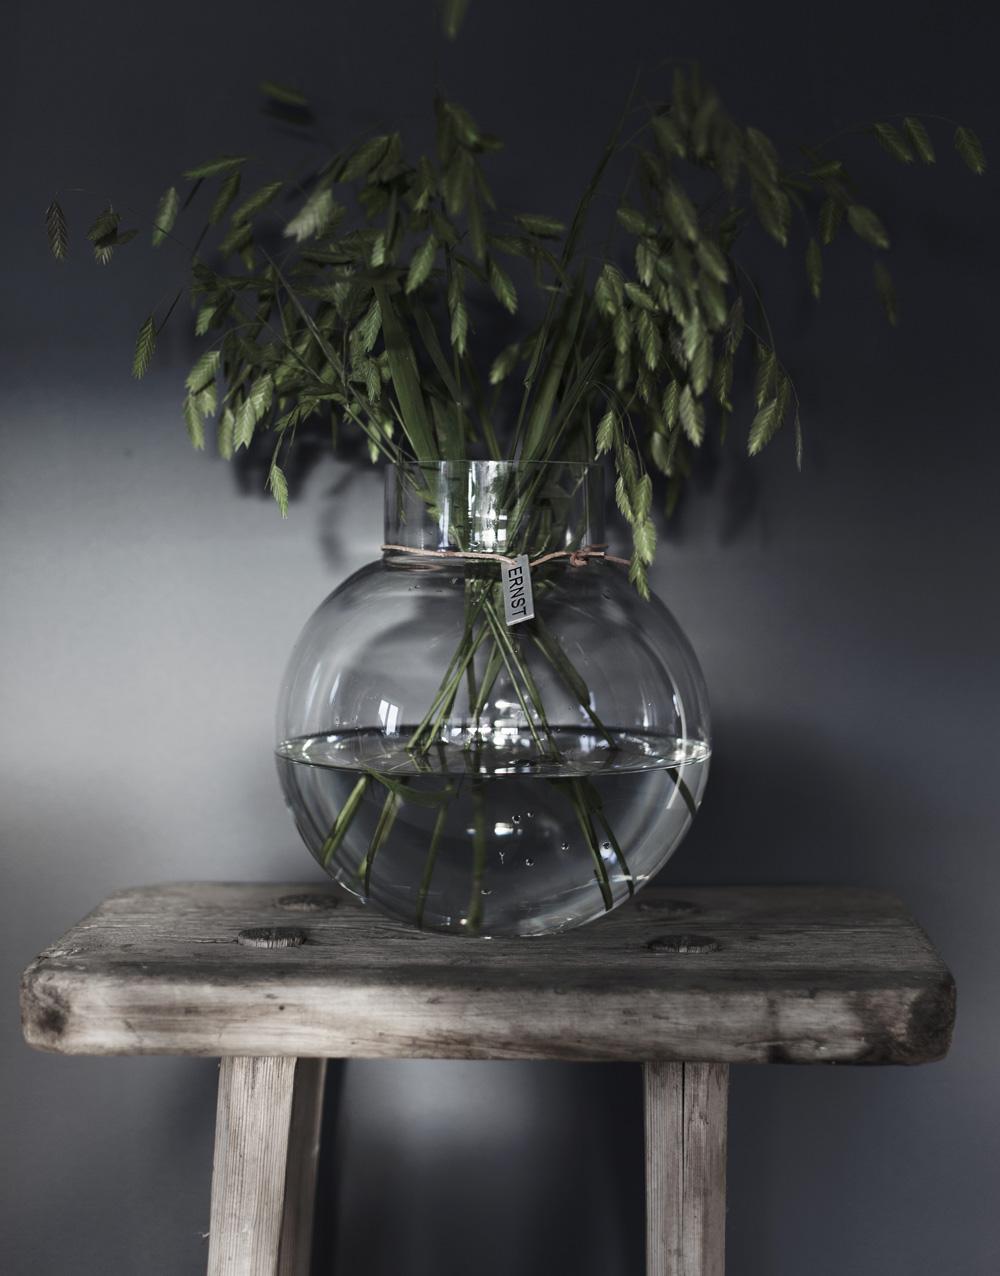 Rund glasvas, klarglas - Ernst Kirchsteiger (13 x 14cm) • Pryloteket